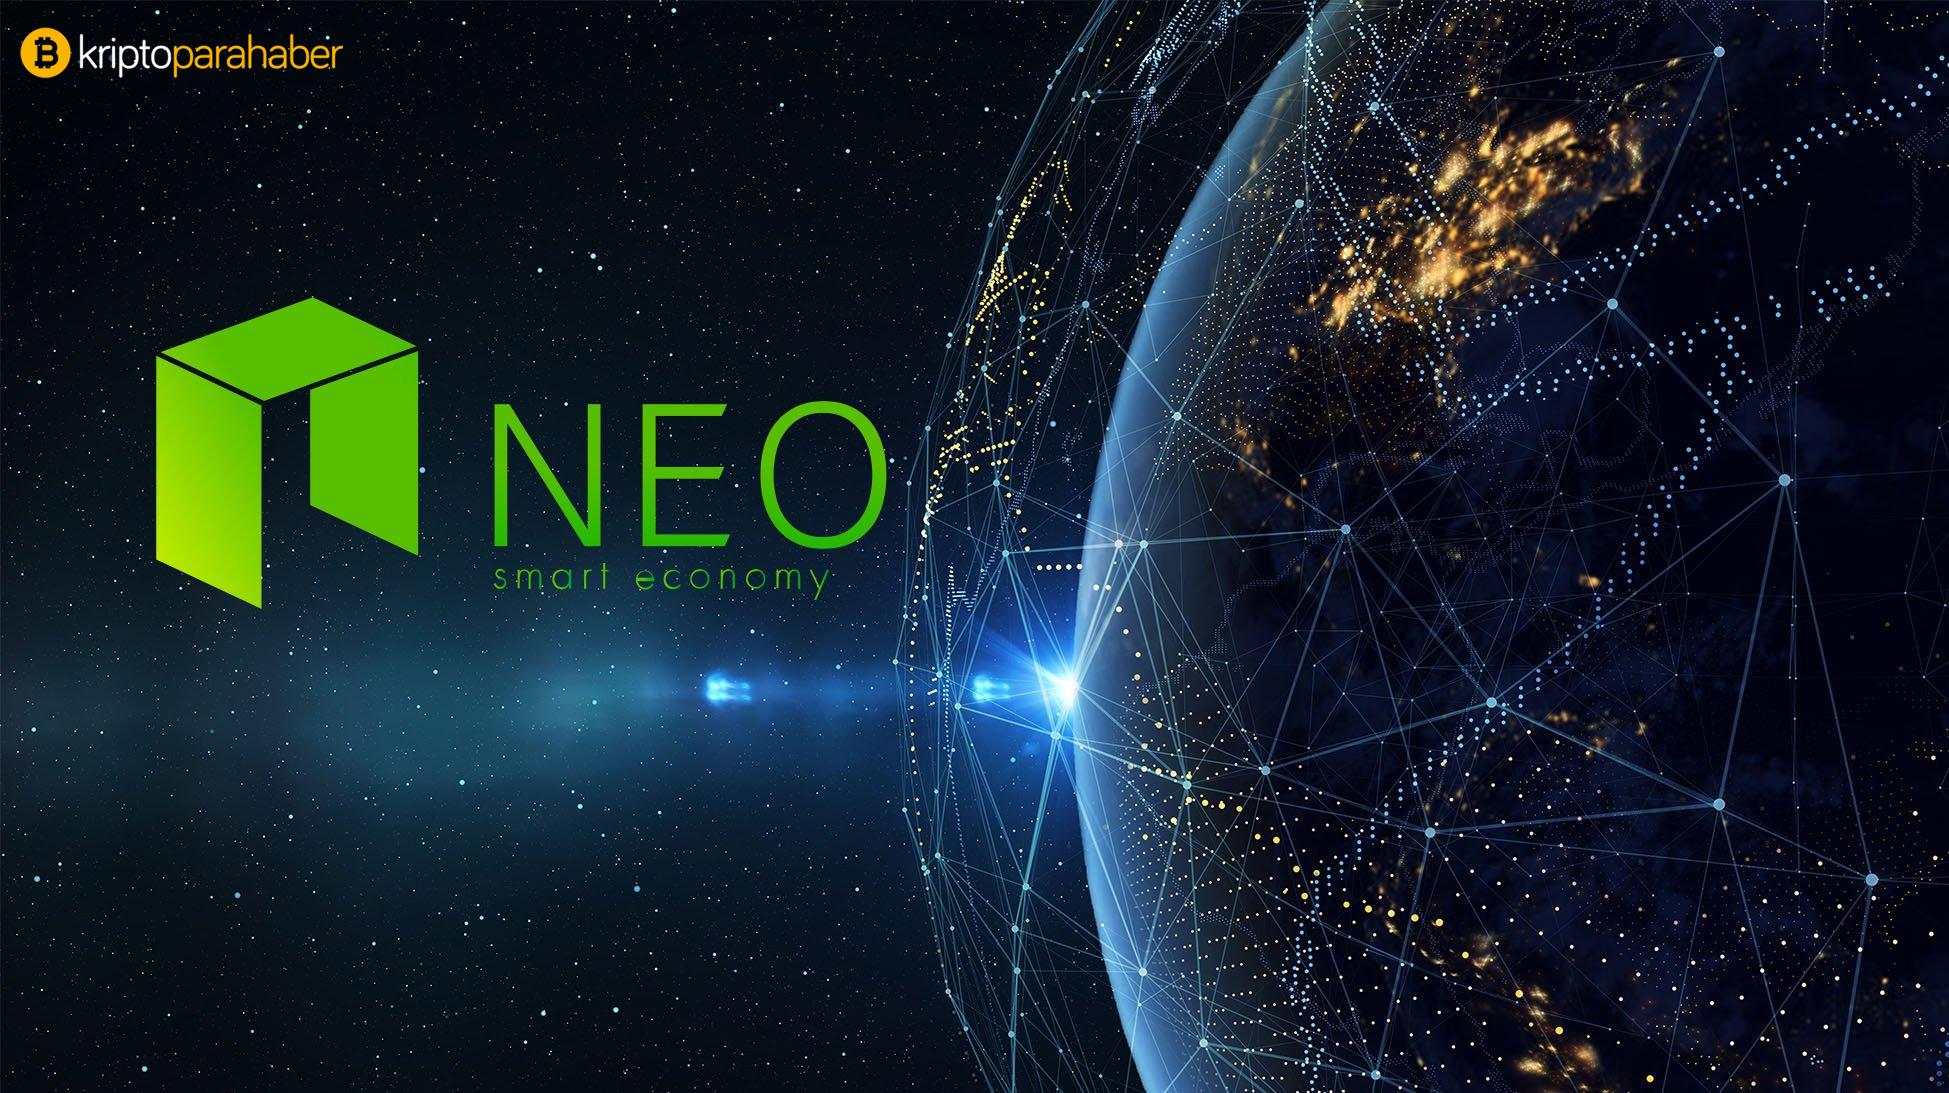 İşte popüler altcoin NEO'ya yönelik son dakika gelişmeleri